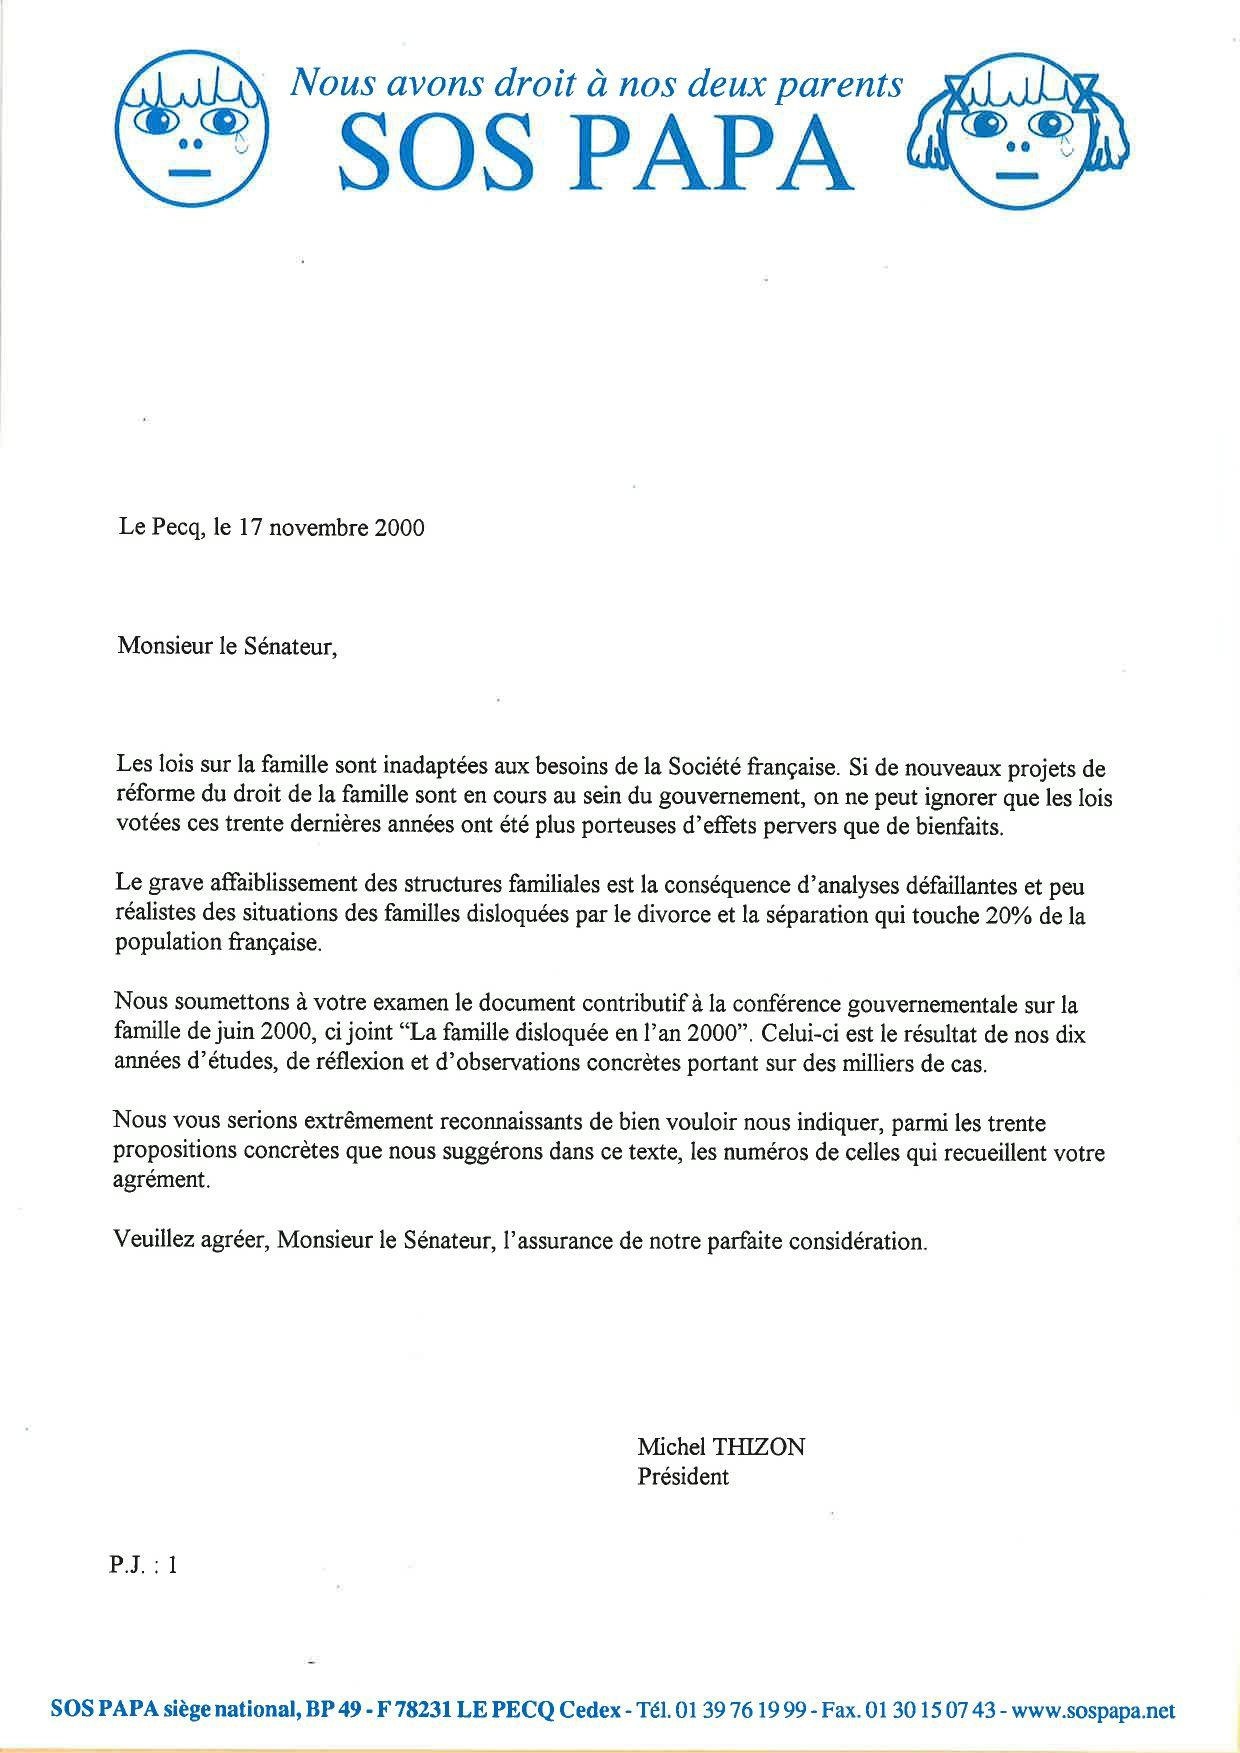 Courrier de Michel Thizon, 17/11/2000